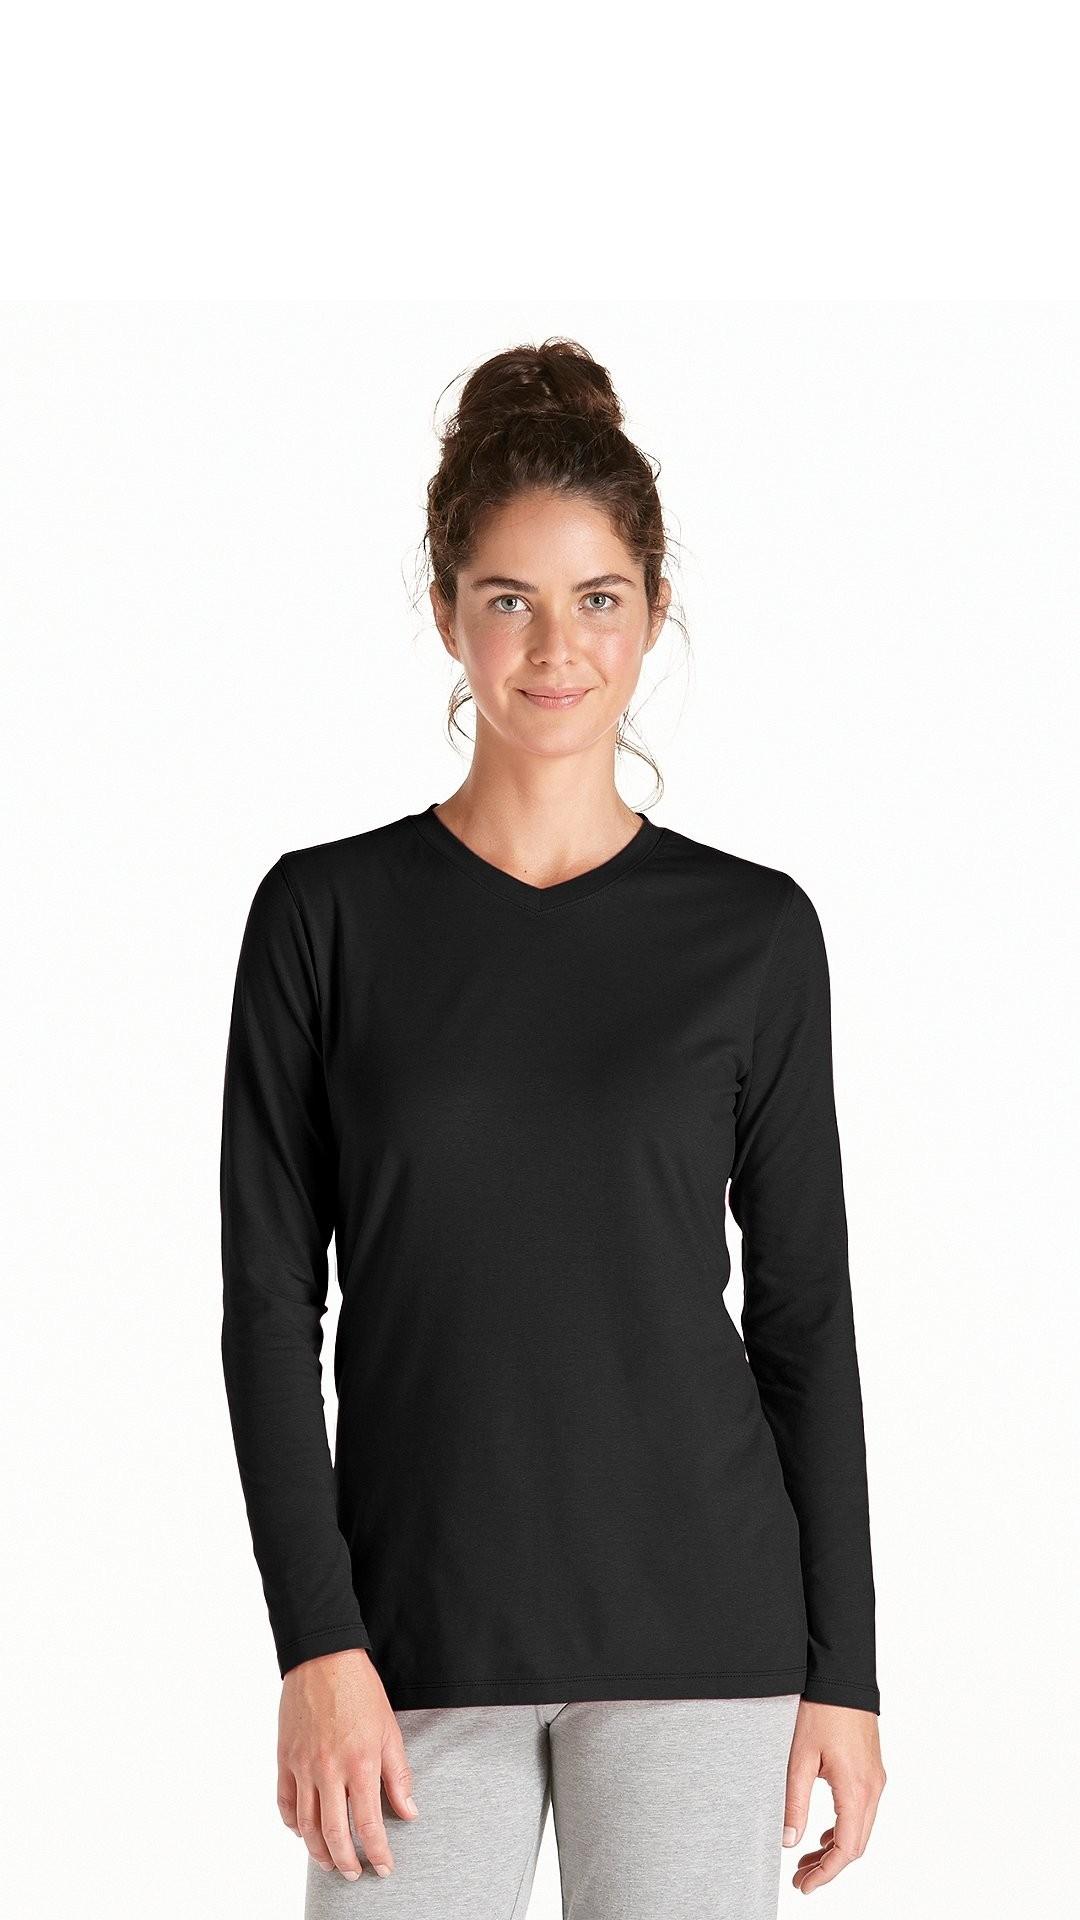 10bdce57d740e2 Coolibar dames UV shirt met V-hals en lange mouw - zwart - YOU UV